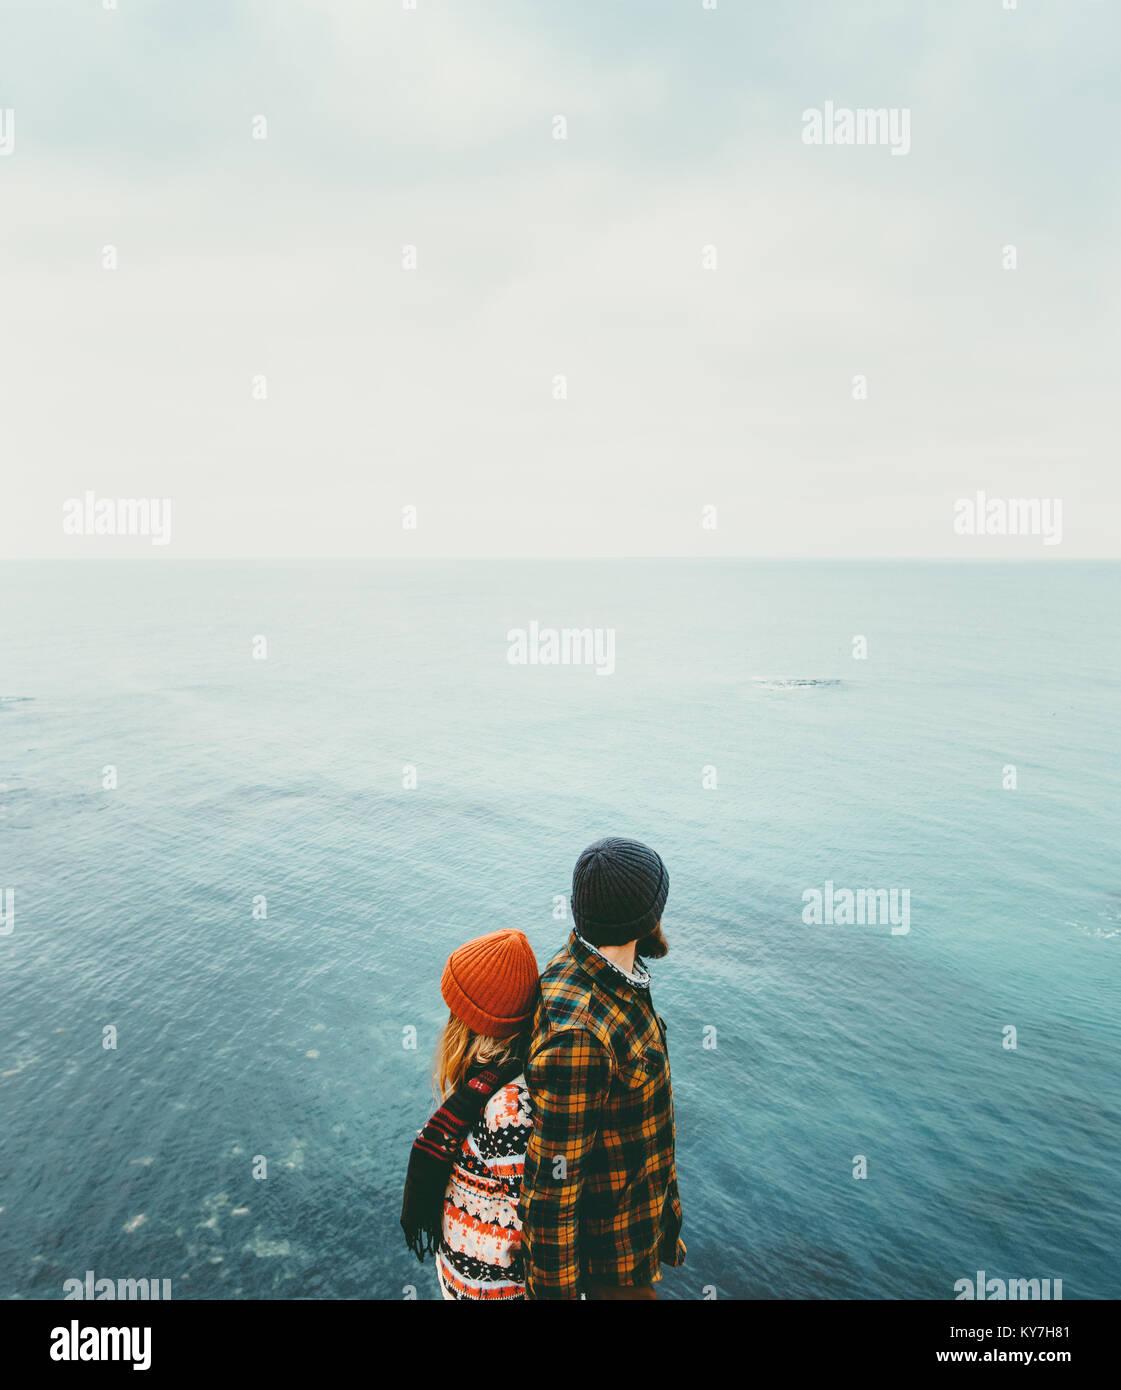 Casal que se ama o homem e a mulher de volta para trás em pé acima do mar, viajando juntos emoções Imagens de Stock